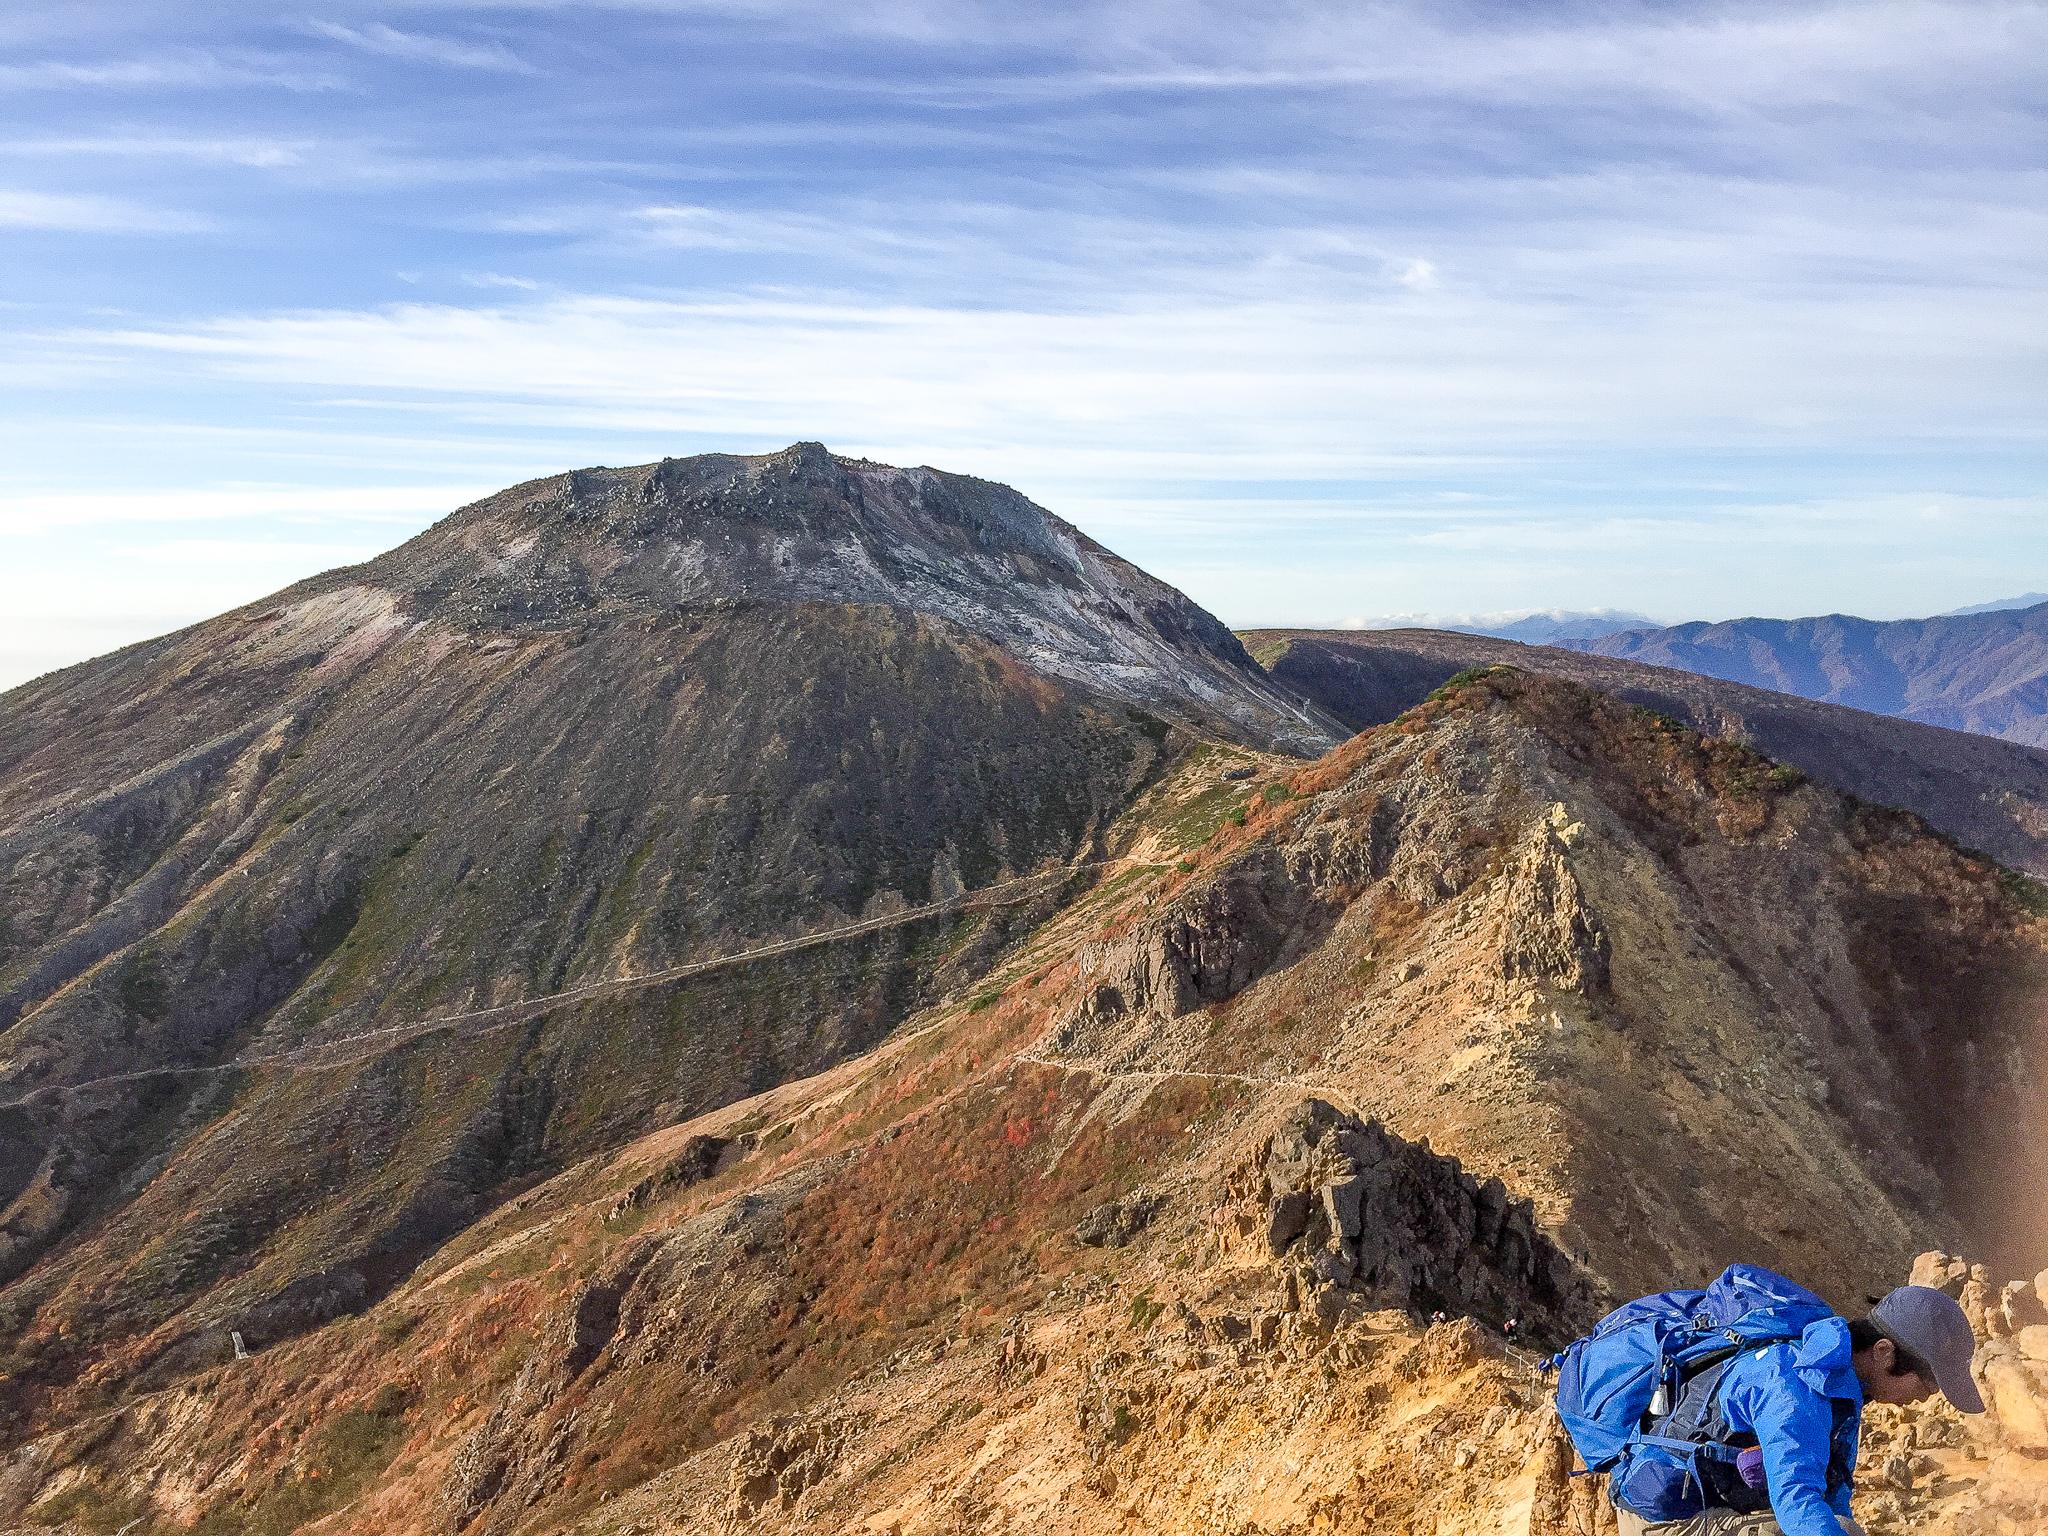 那須岳・朝日岳に向かう稜線から茶臼岳を望む